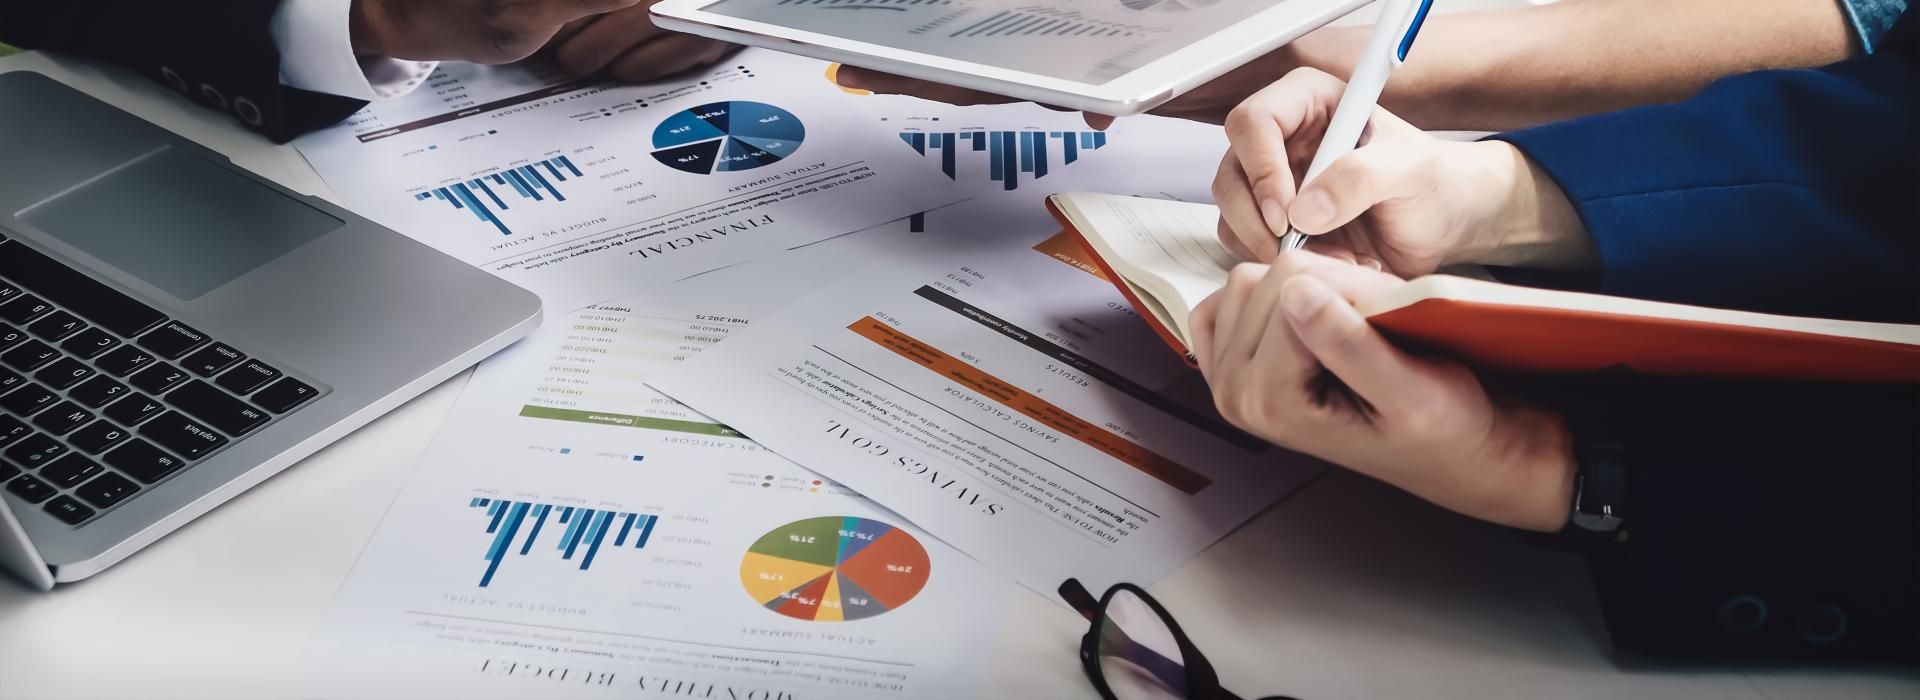 Administrarea Afacerilor cu Management- Studii universitare